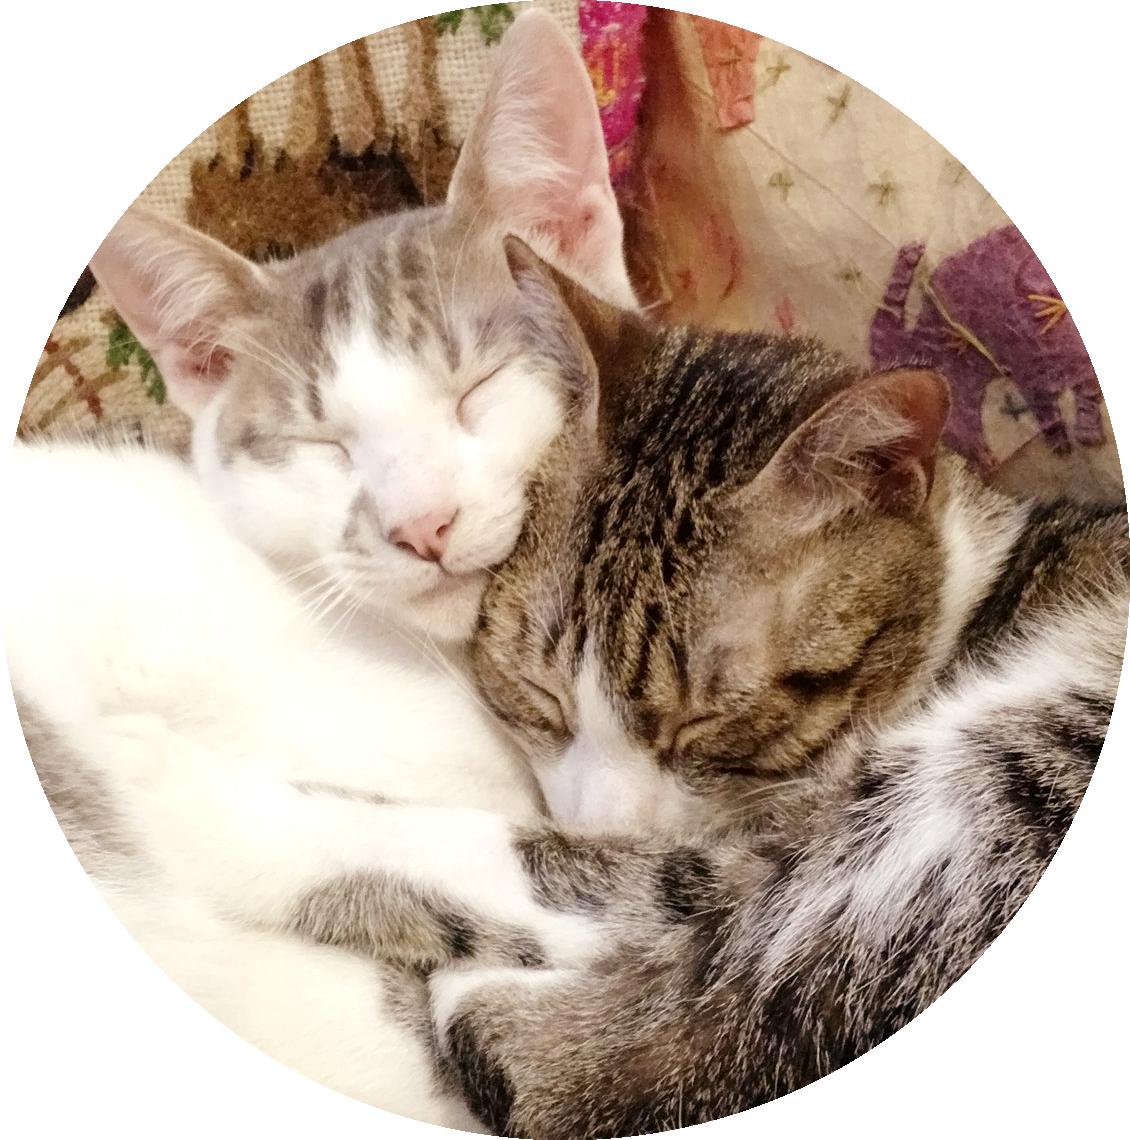 #Acessibilidade Chico e Frits dormindo abraçados. Ateliê Quartzo - Tarot, Terapias Holísticas e Reiki em Porto Alegre.